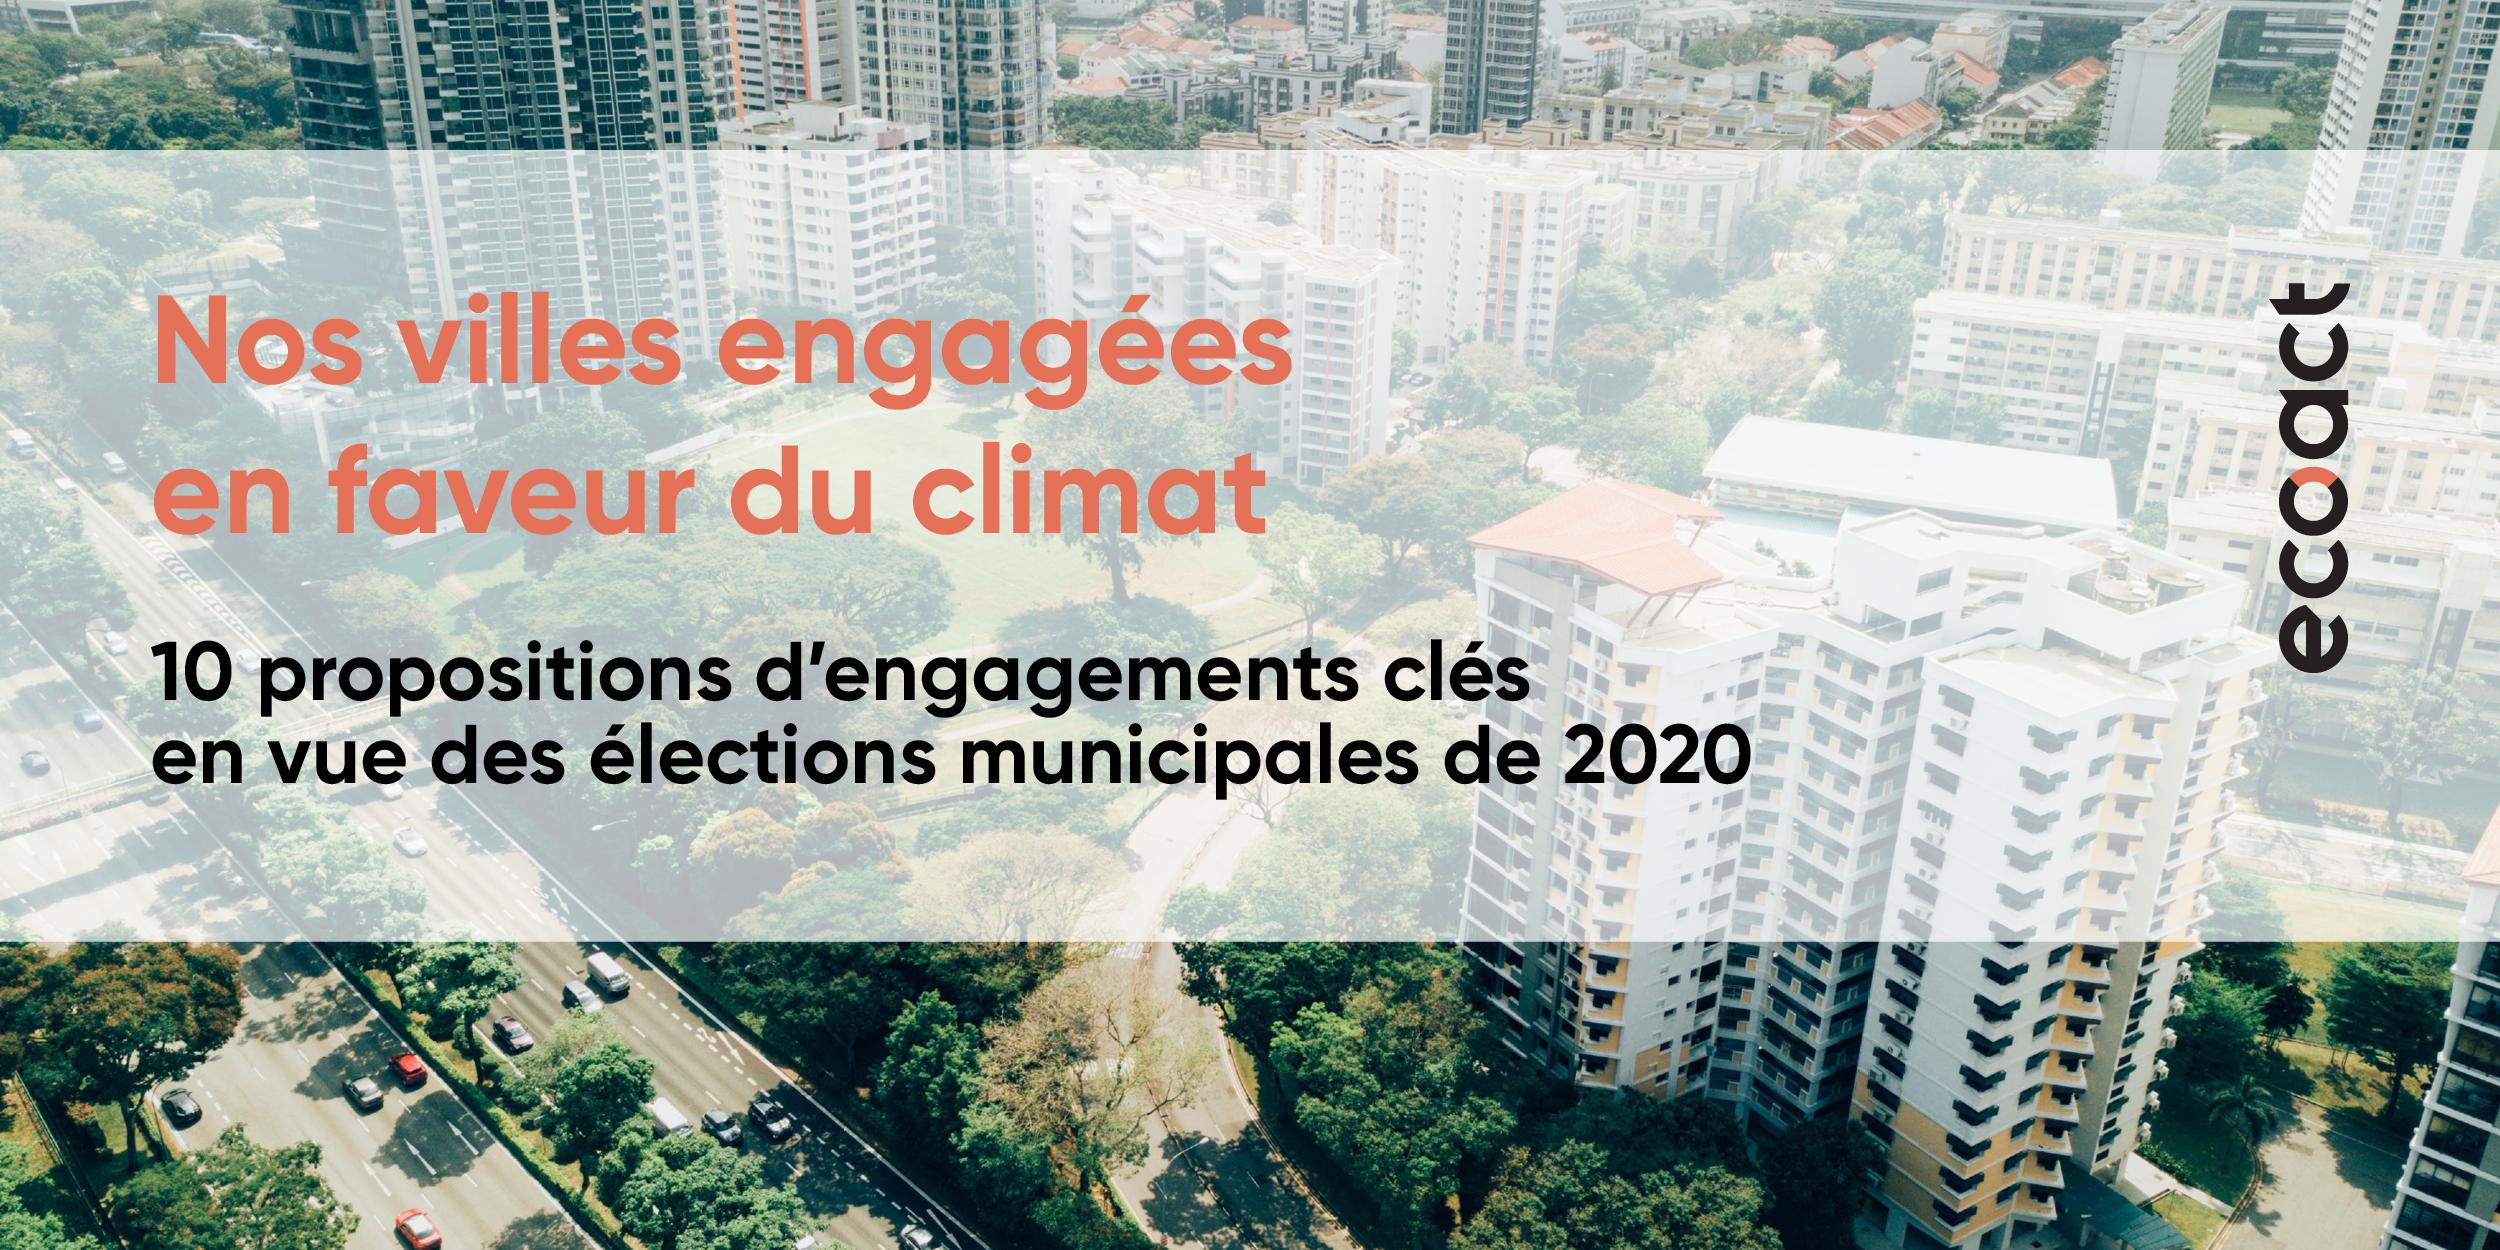 Nos villes engagées en faveur du climat